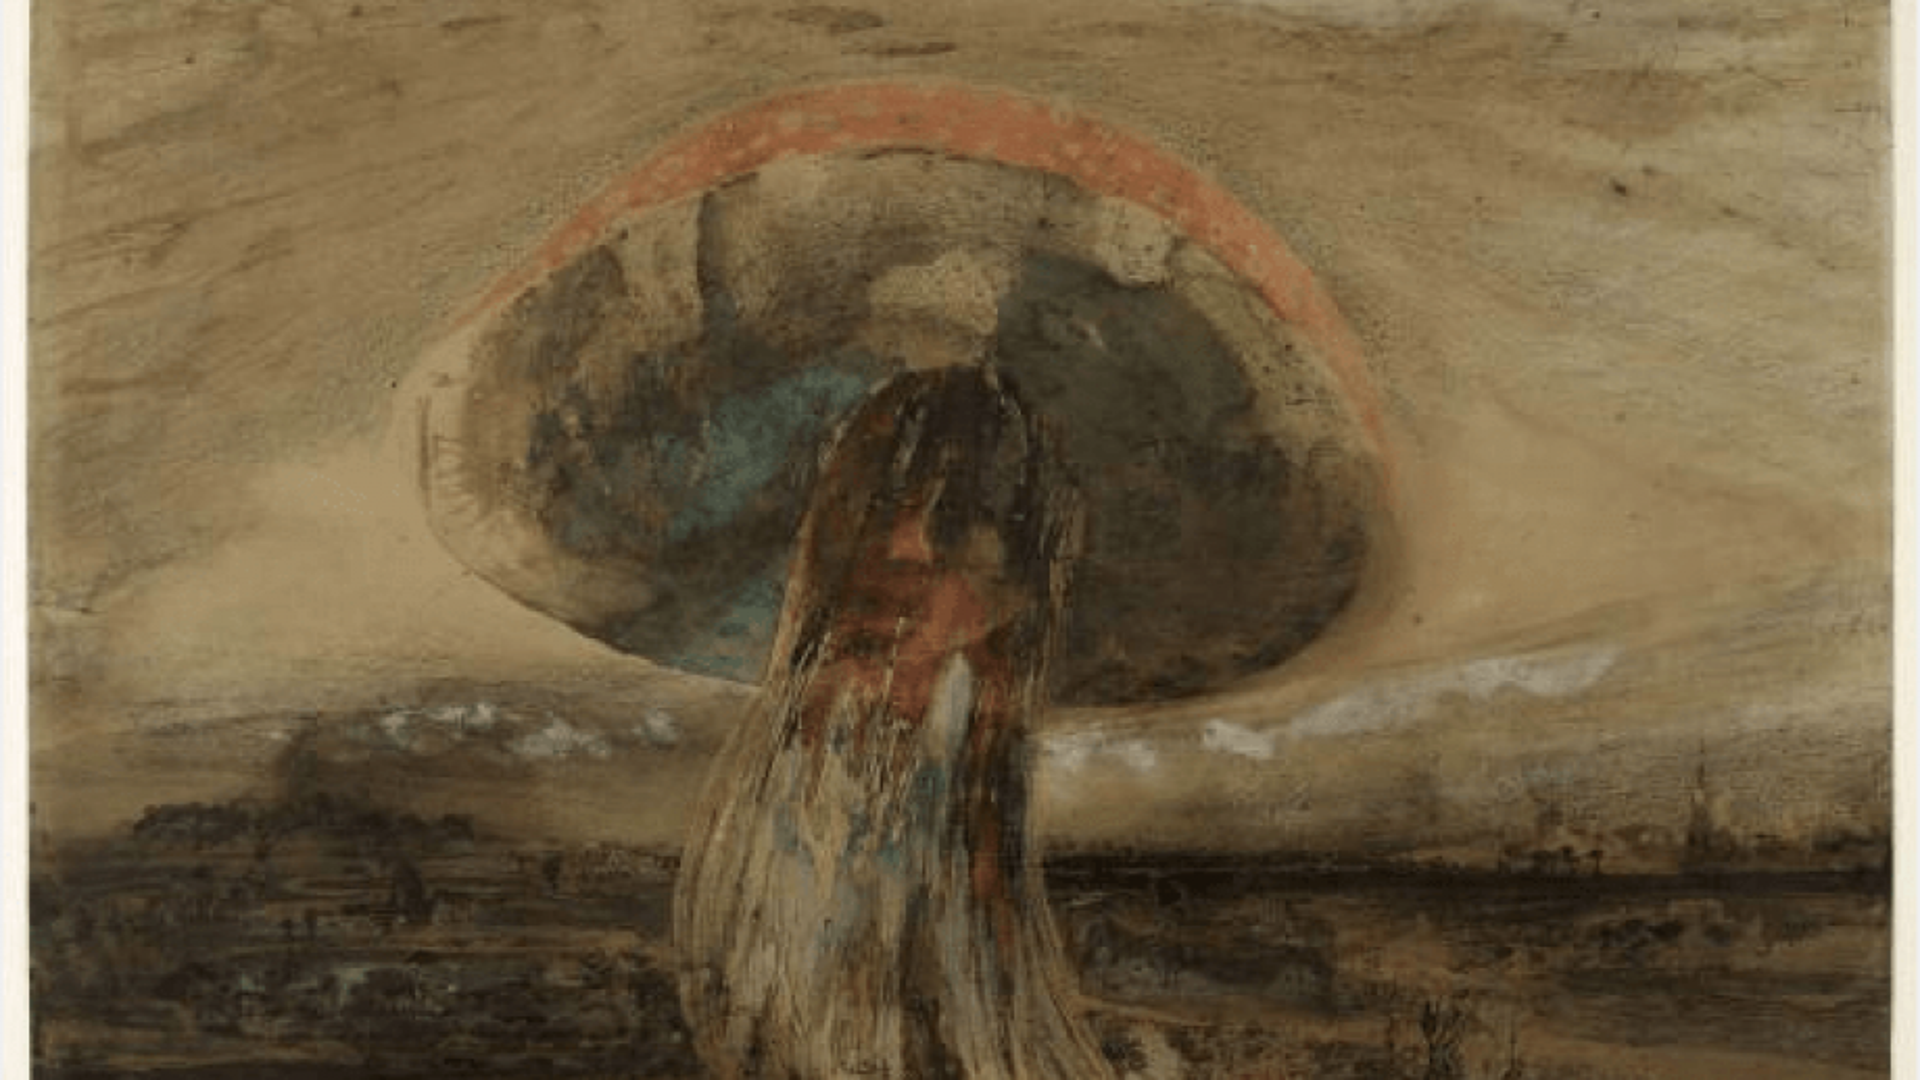 Les dessins de Victor Hugo réunis dans un beau livre